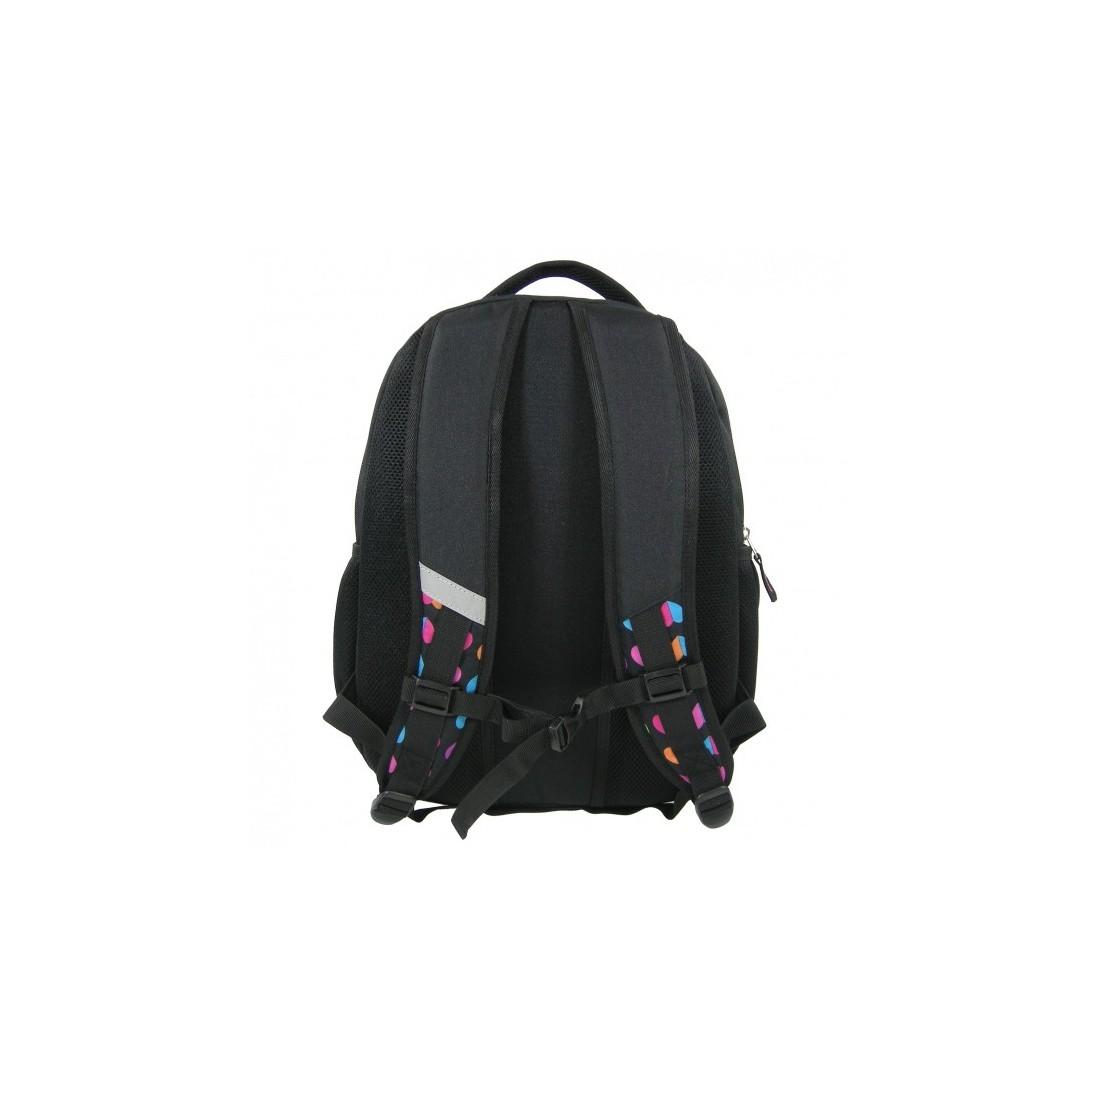 Plecak młodzieżowy czarny w kolorowe serduszka - plecak-tornister.pl